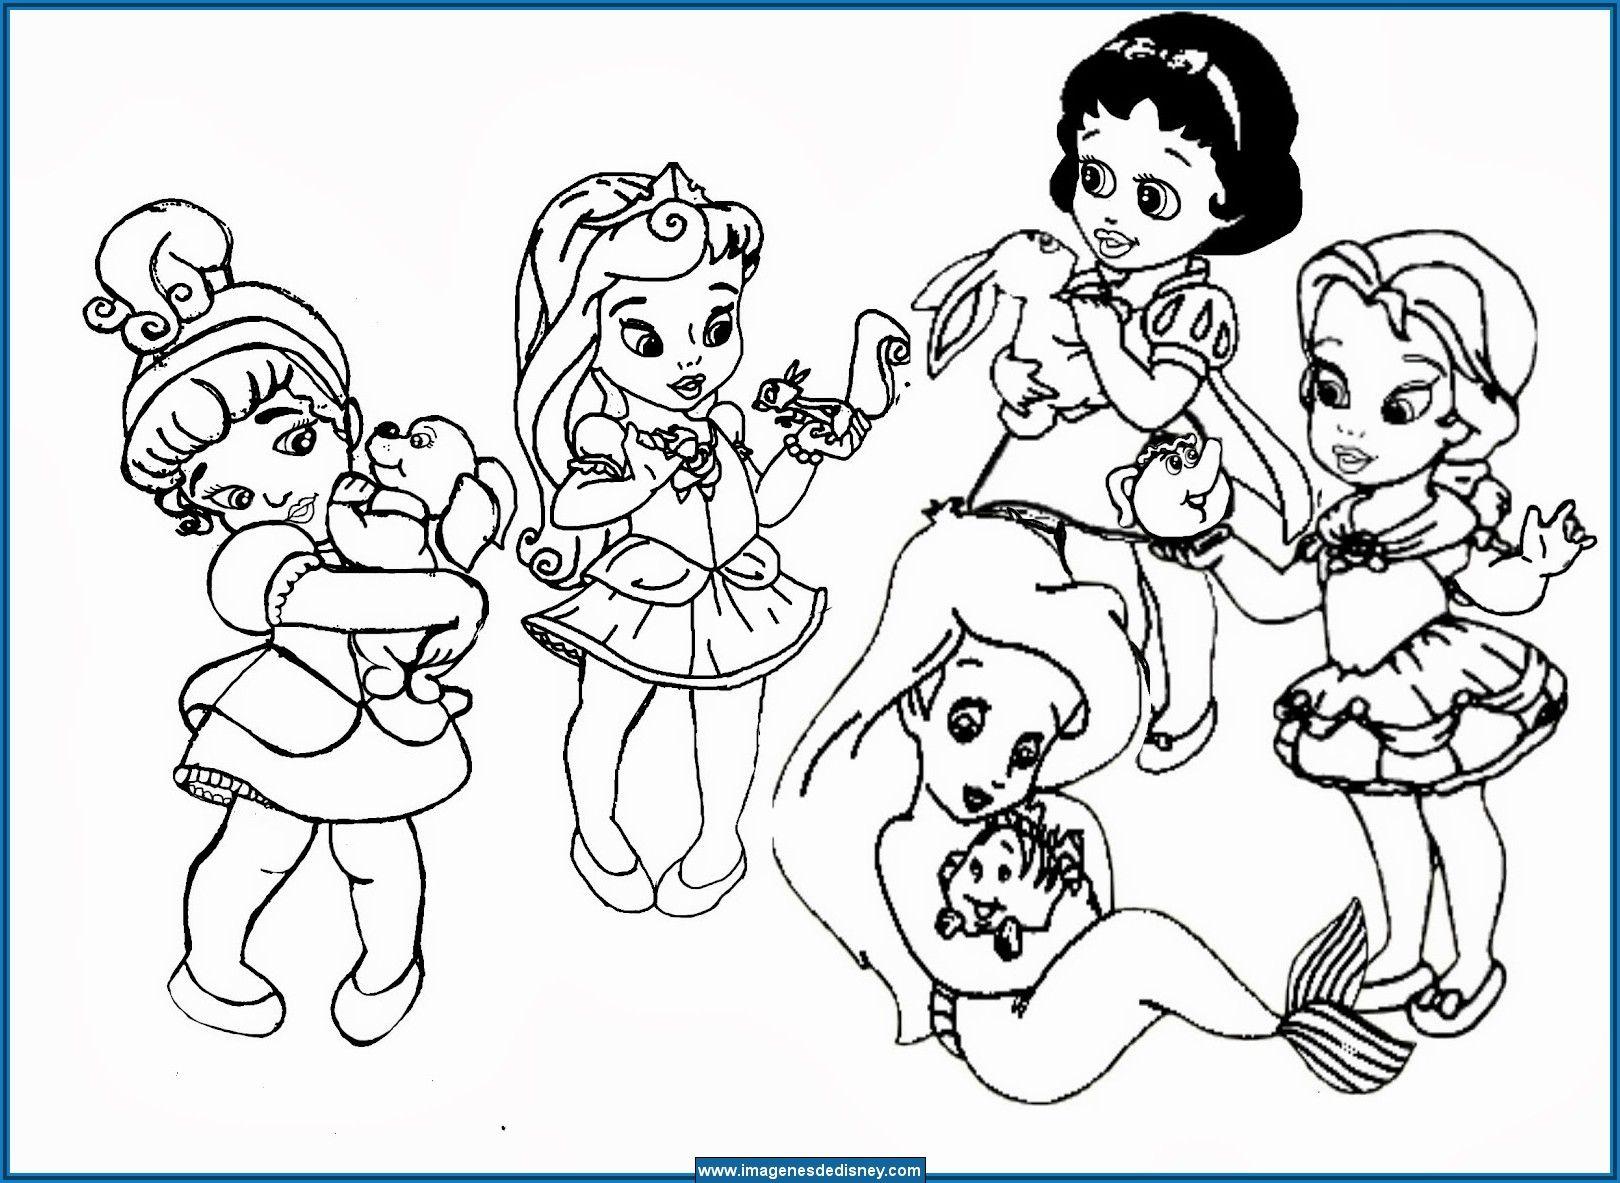 Imagenes De Niños Pintando Para Colorear: Resultado De Imagen Para Dibujos Para Pintar De Princesas